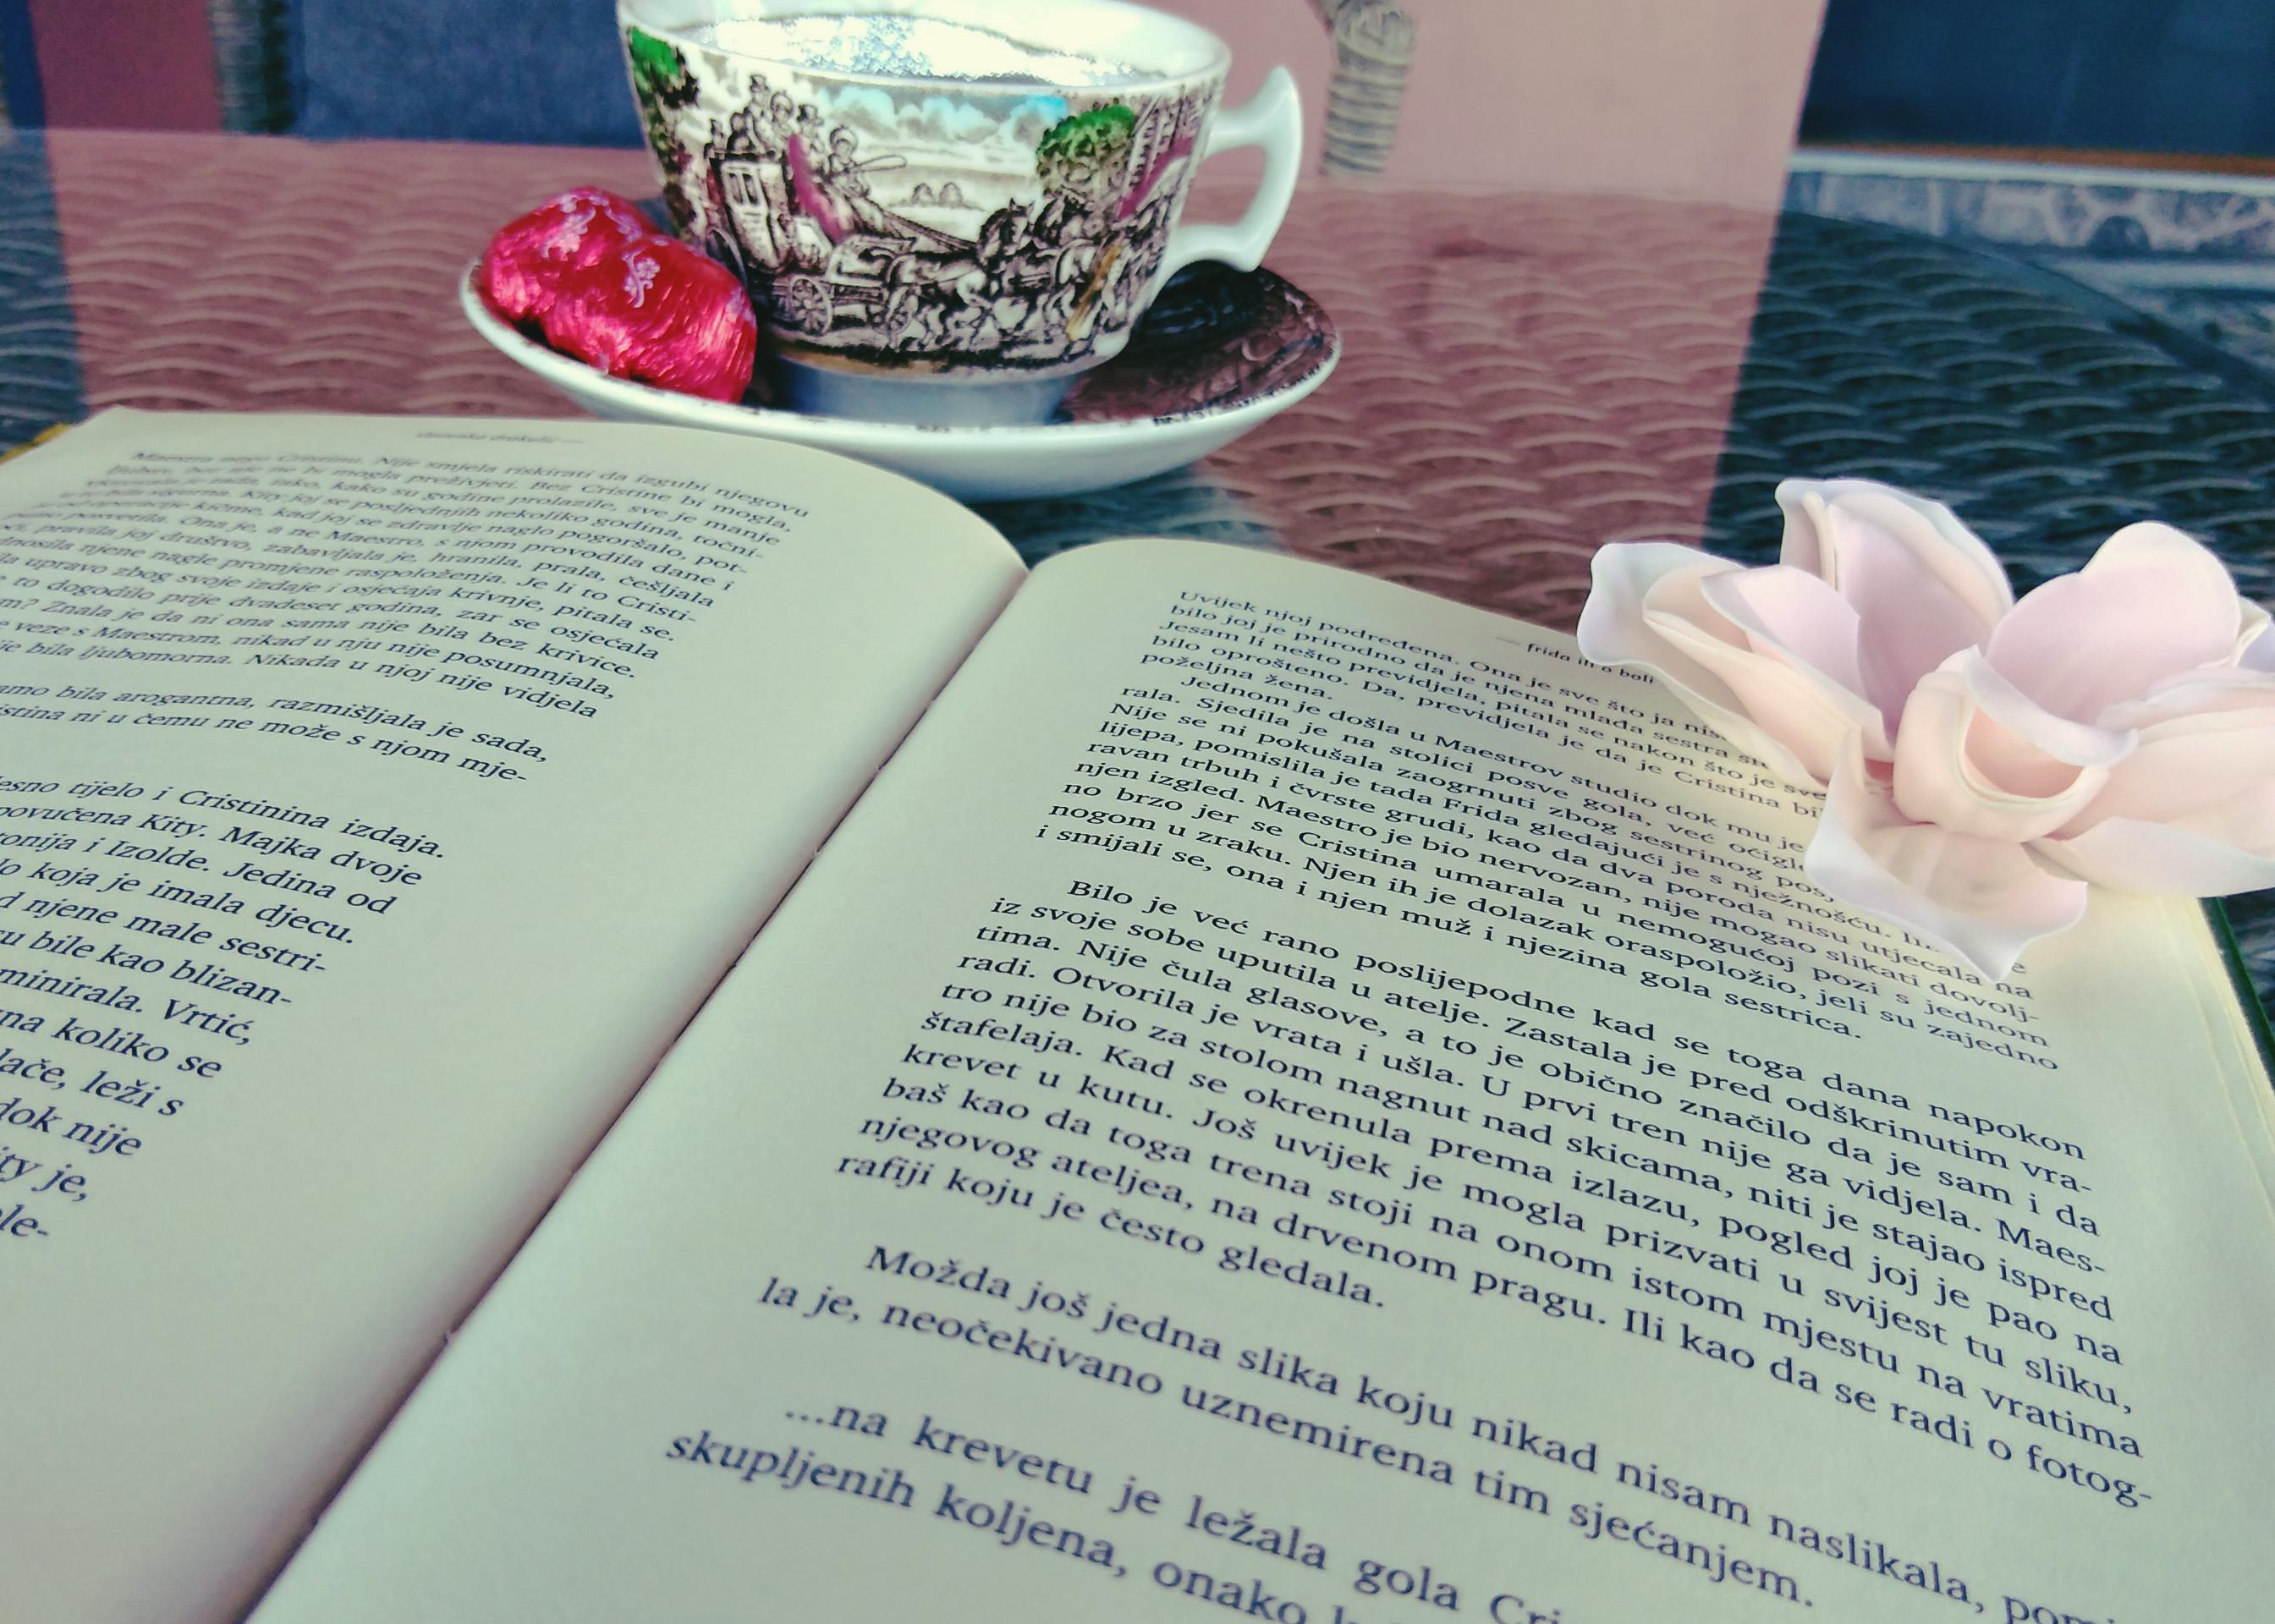 knjiga i šalica